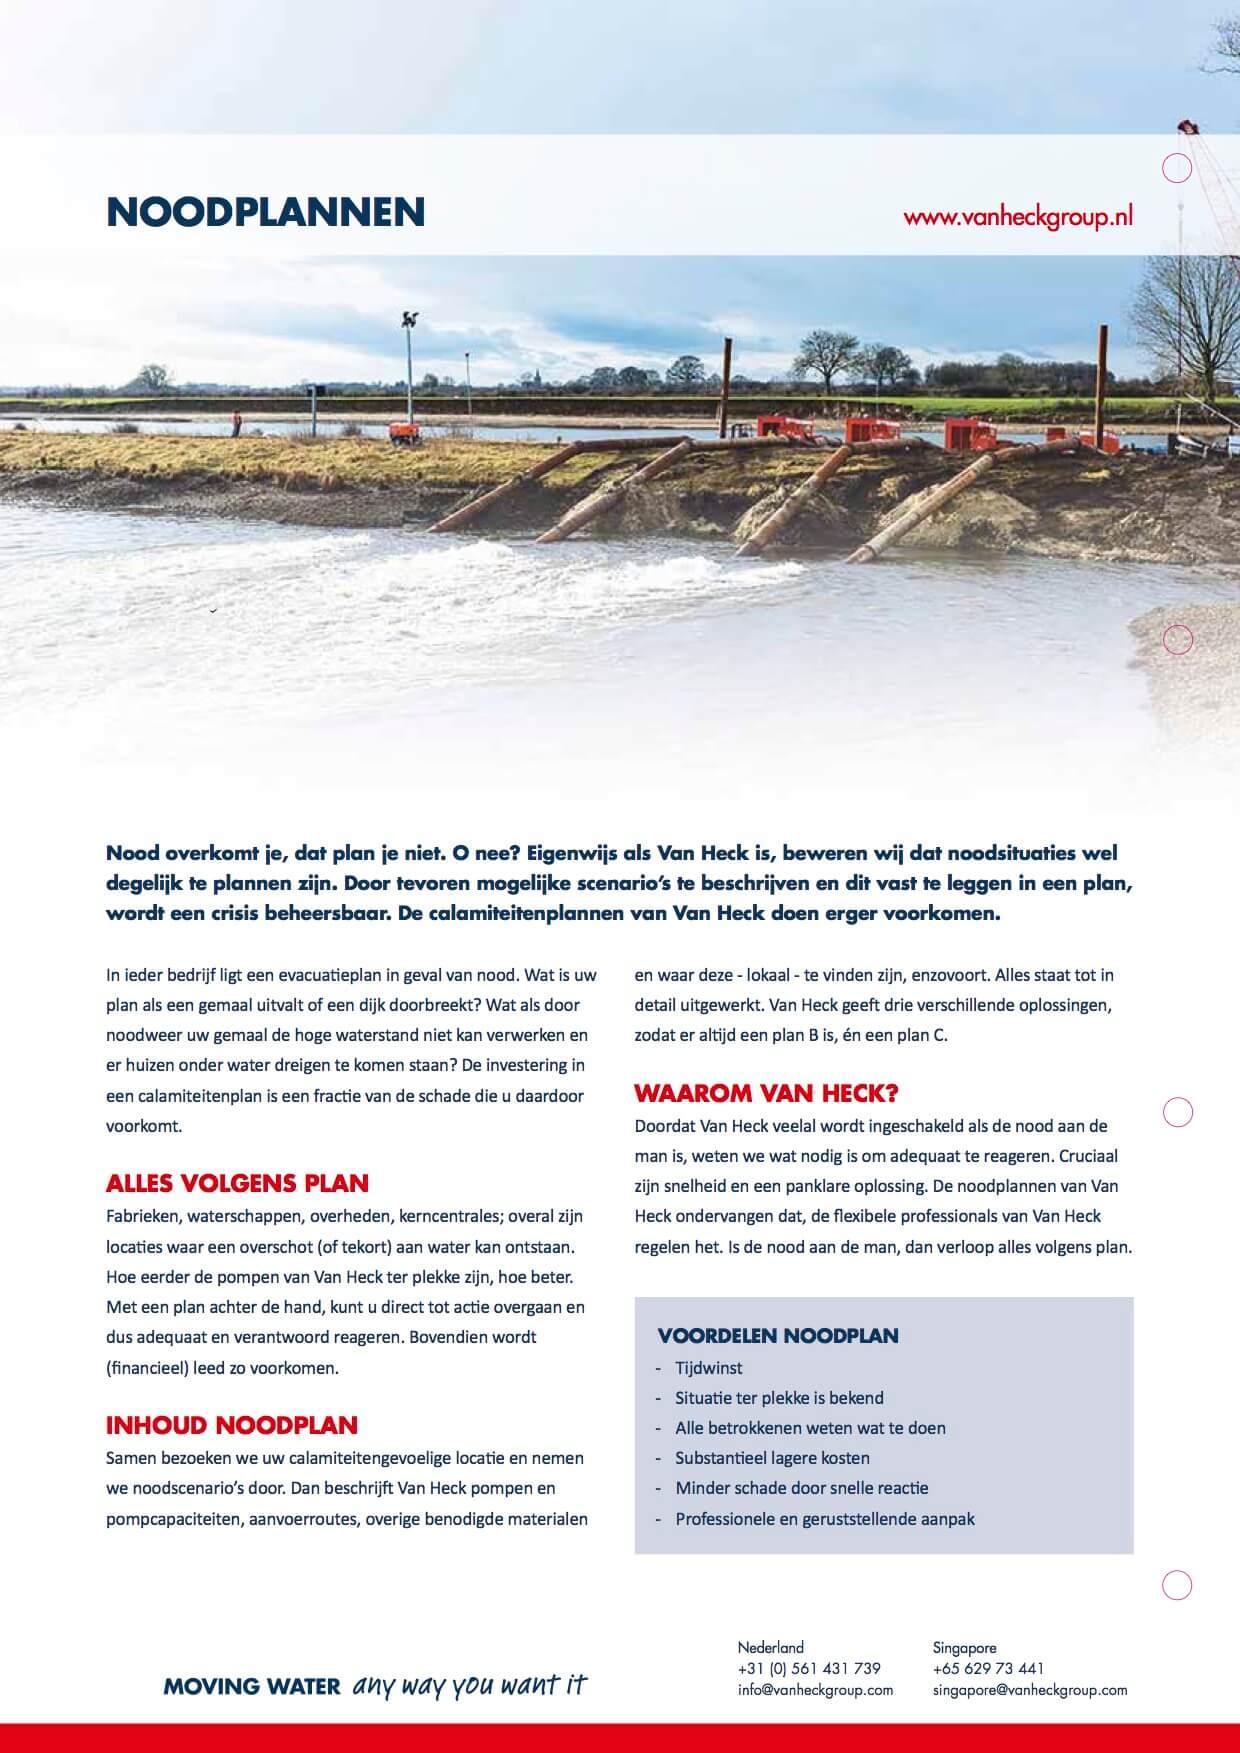 VAN HECK, leaflet noodplannen (achterkant)